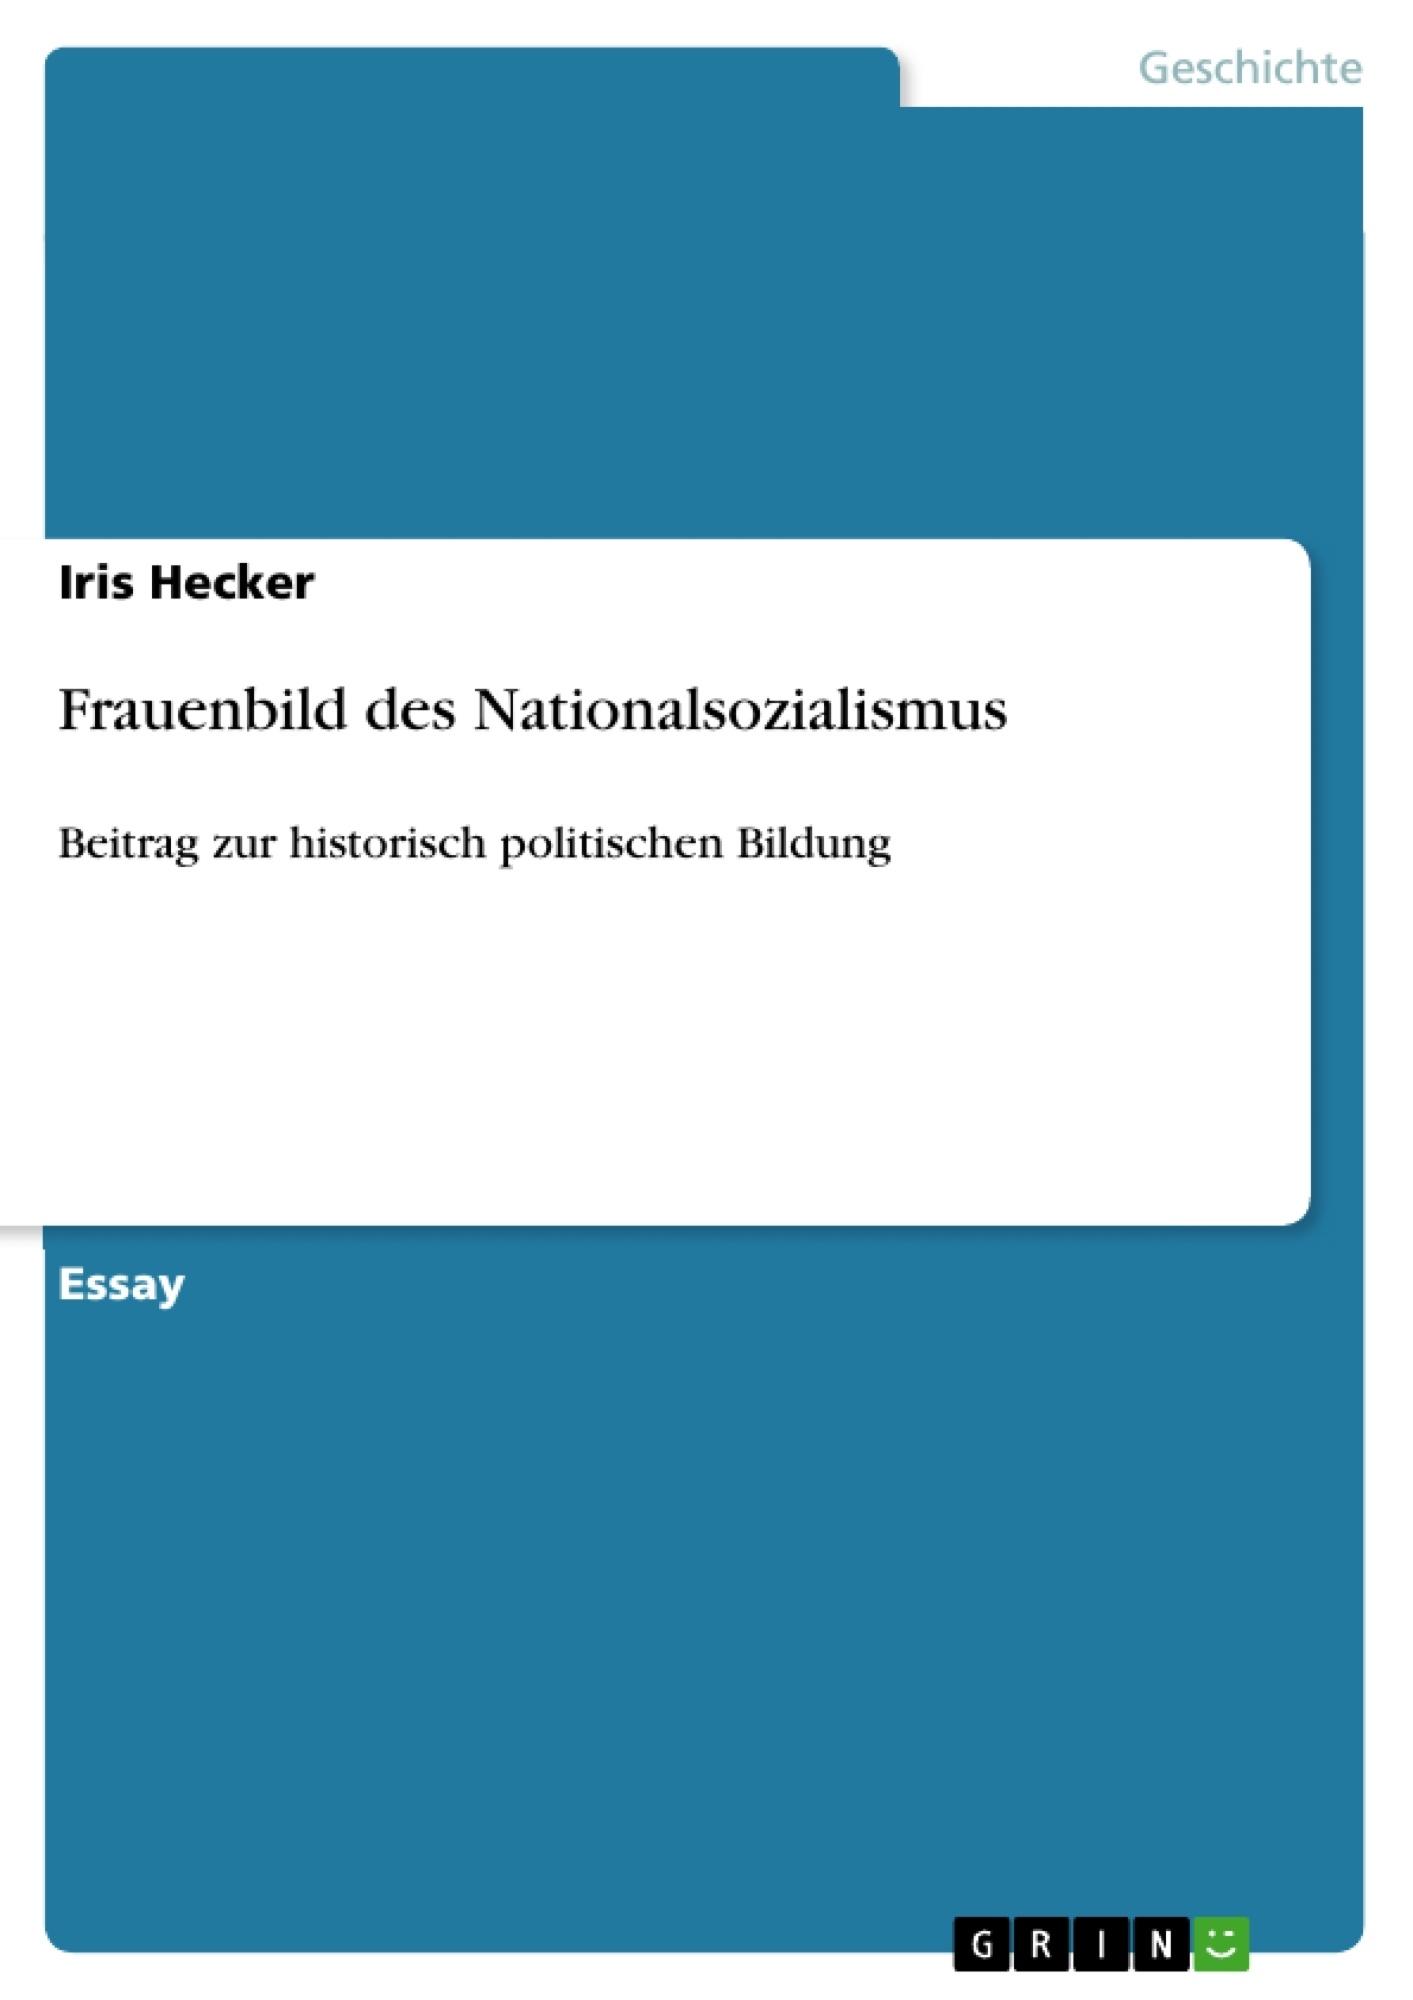 Titel: Frauenbild des Nationalsozialismus